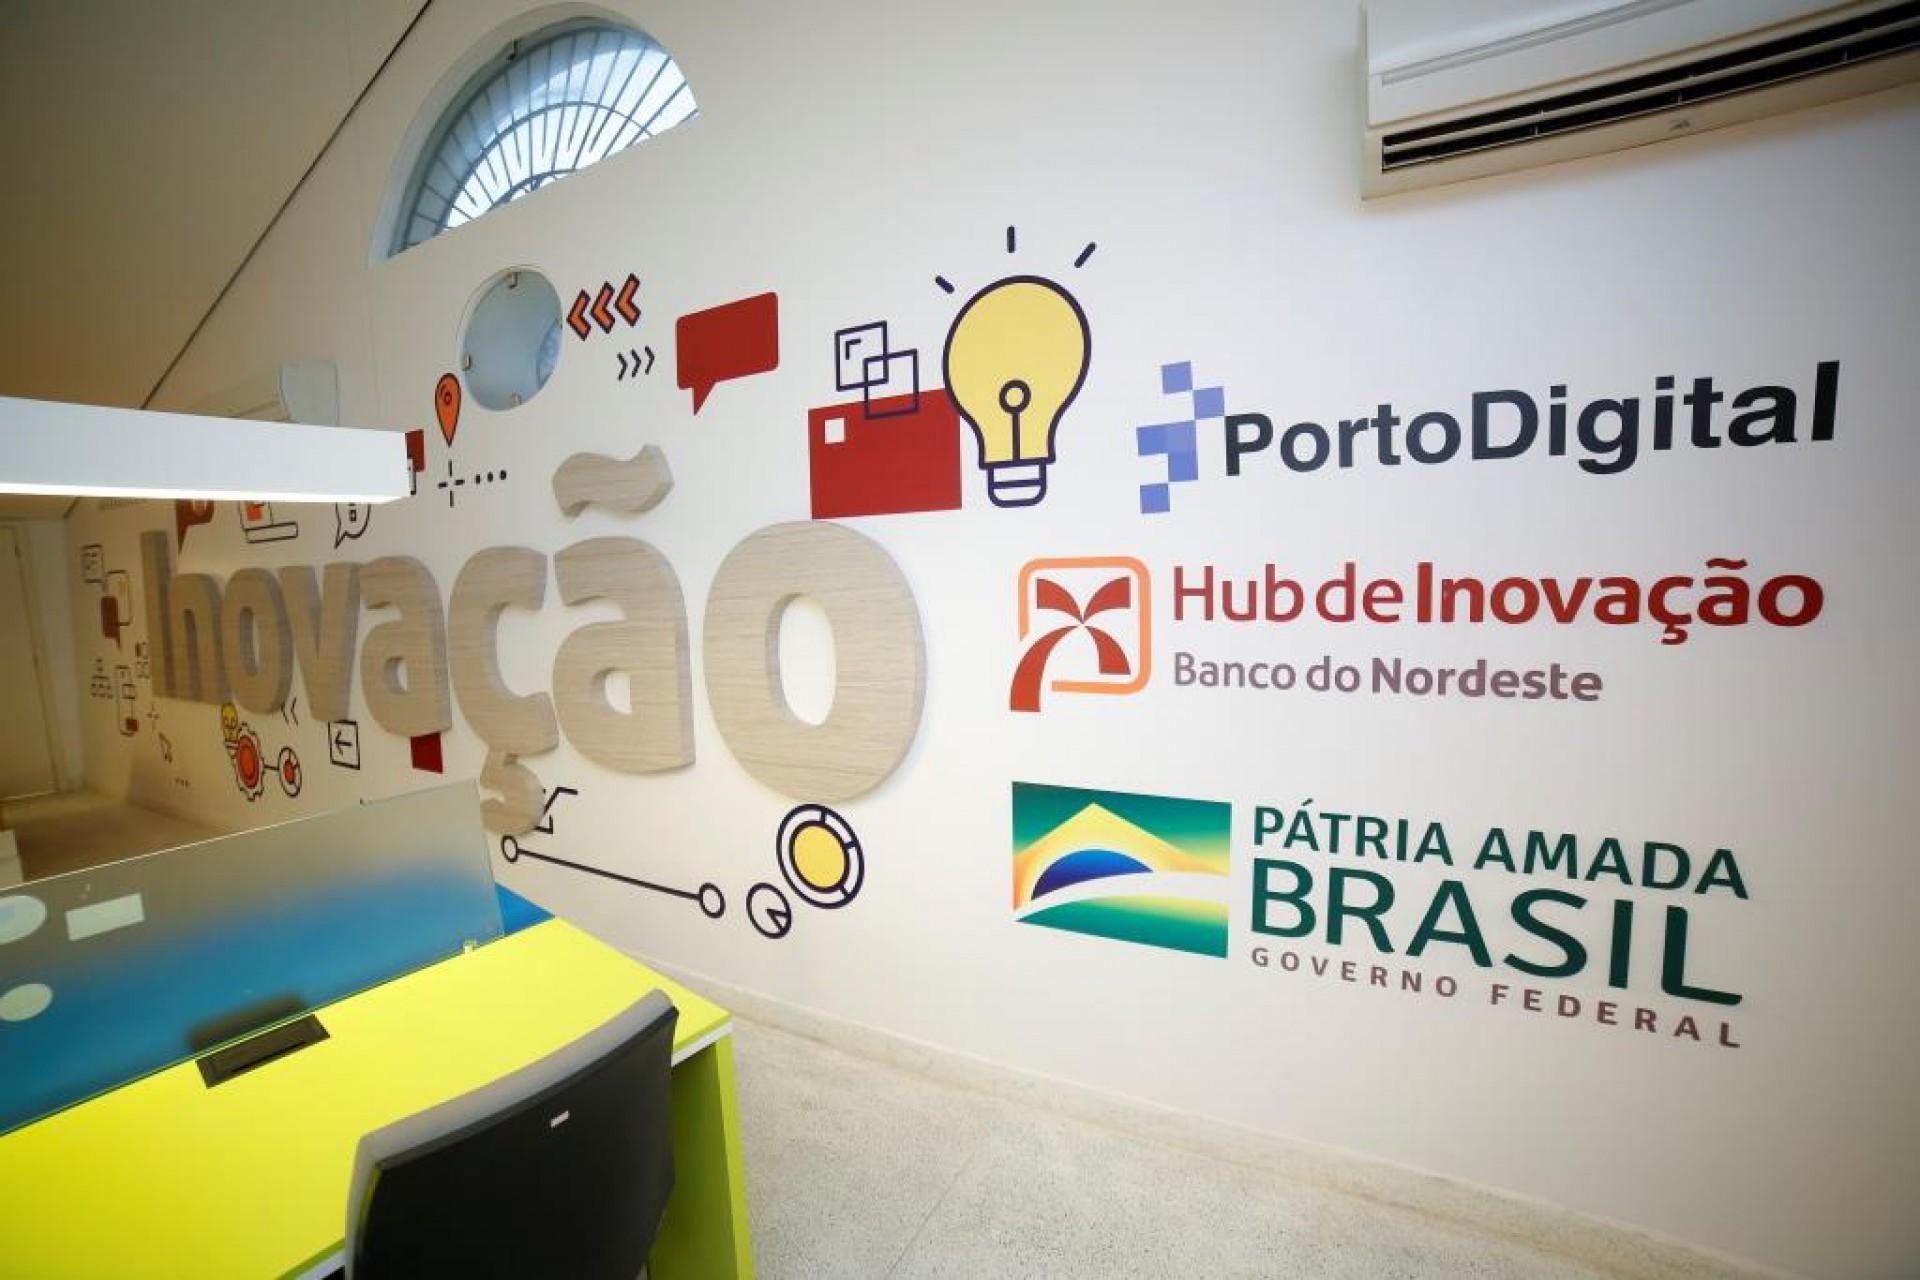 HUBINE é o Hub de Inovação do Banco do Nordeste